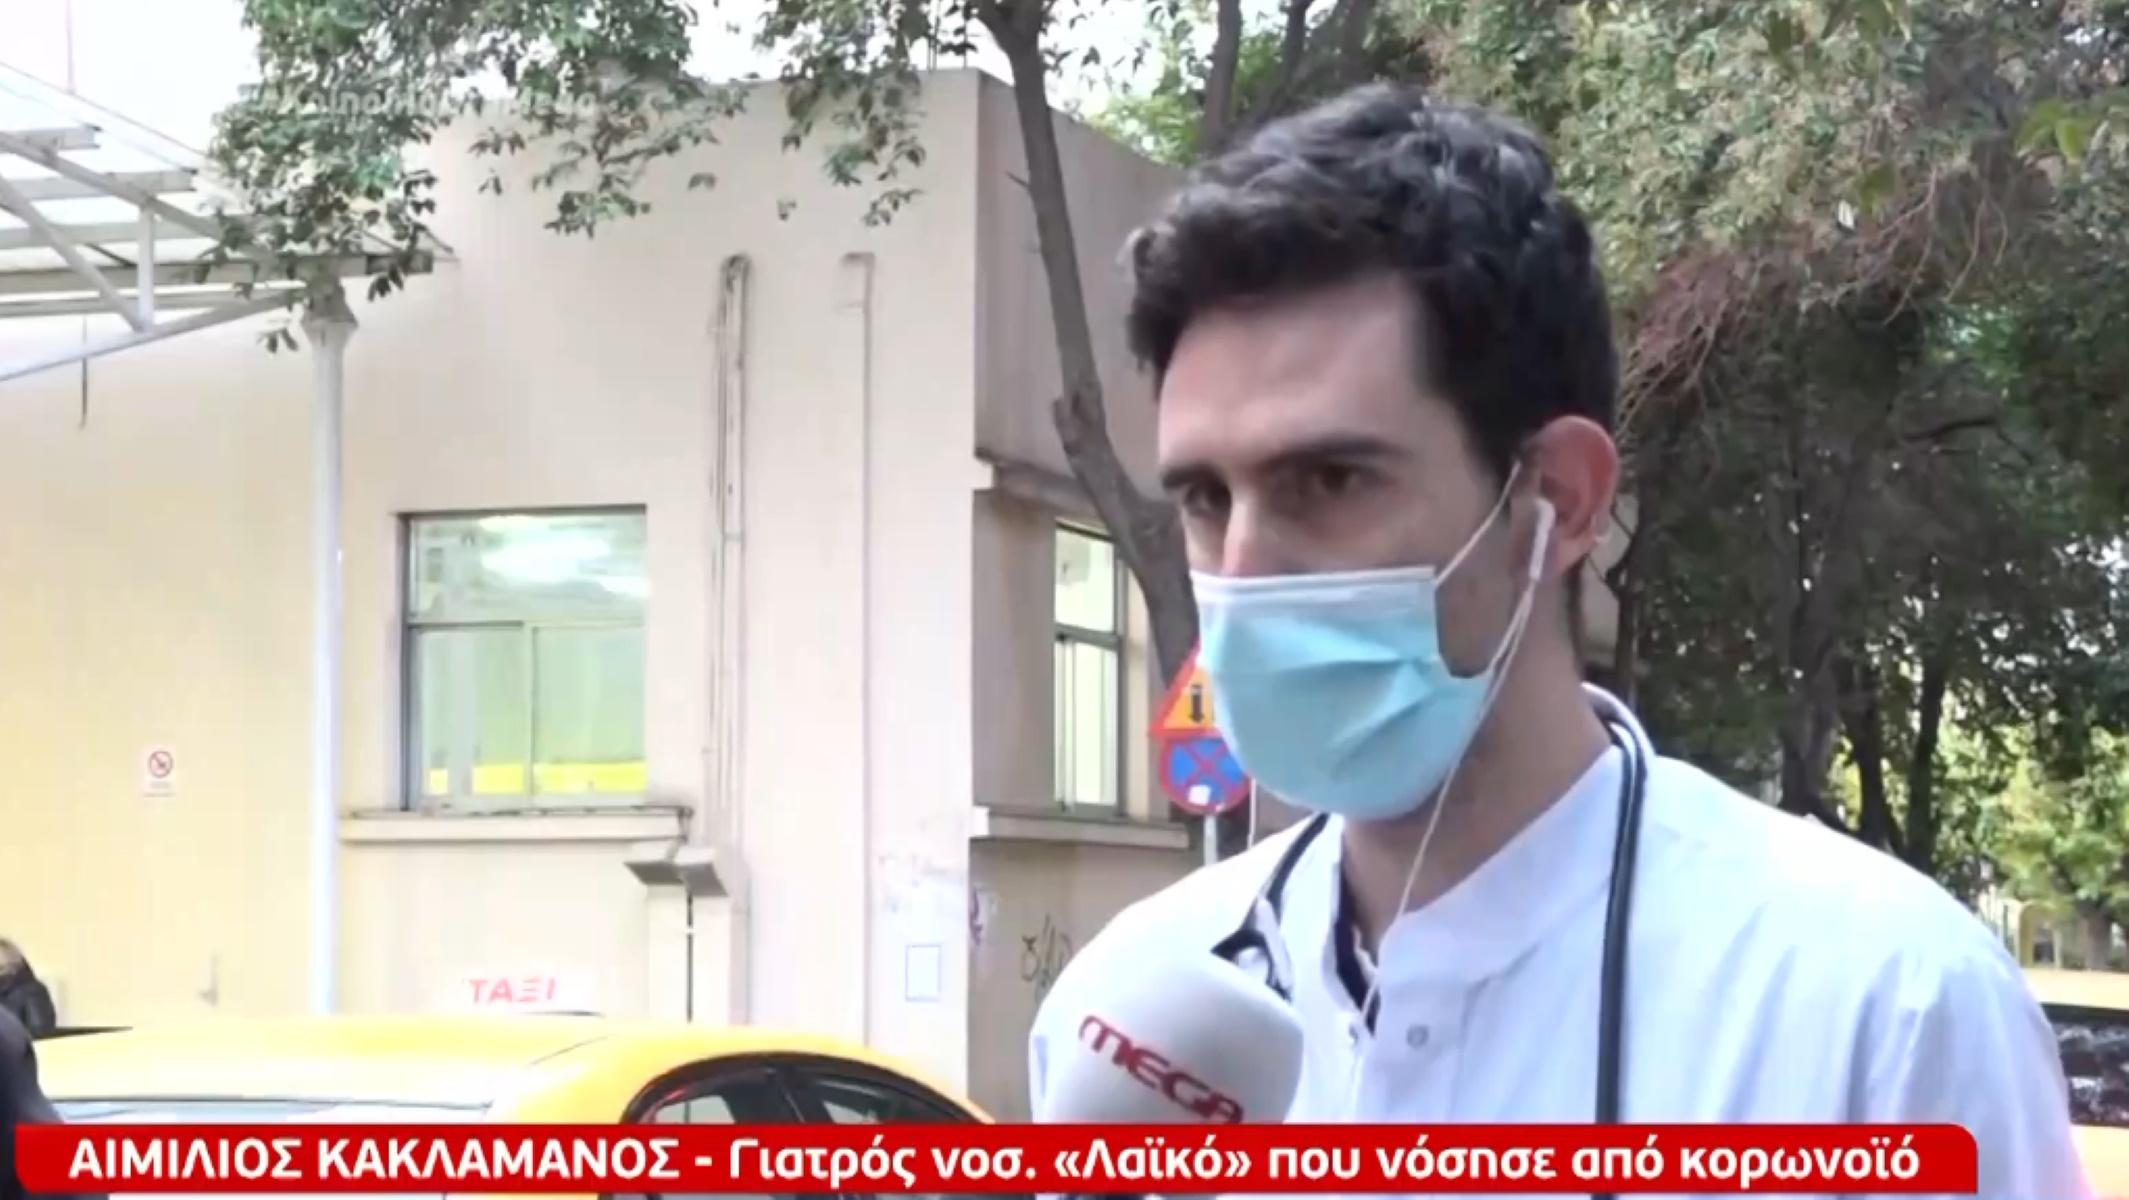 """Γιατρός στο """"Λαϊκό"""": Είχα κορονοϊό και επέστρεψα στη δουλειά με θετικό τεστ"""""""